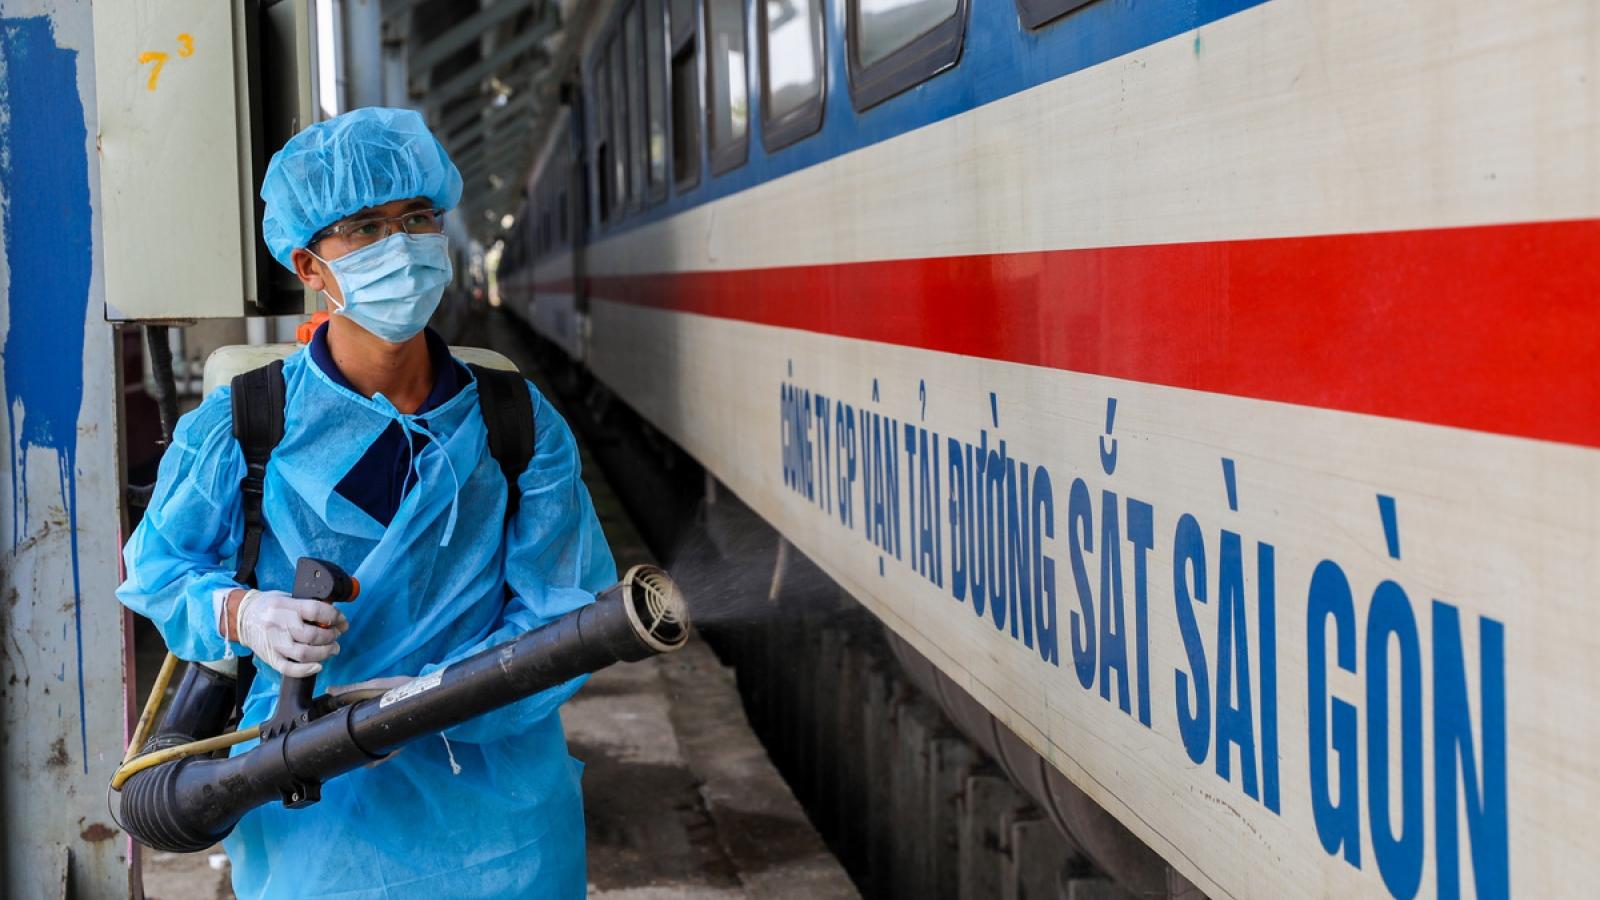 Bệnh nhân COVID-19 ở Quảng Trị đi tàu SE4, nhân viên nhà tàu có bị cách ly?